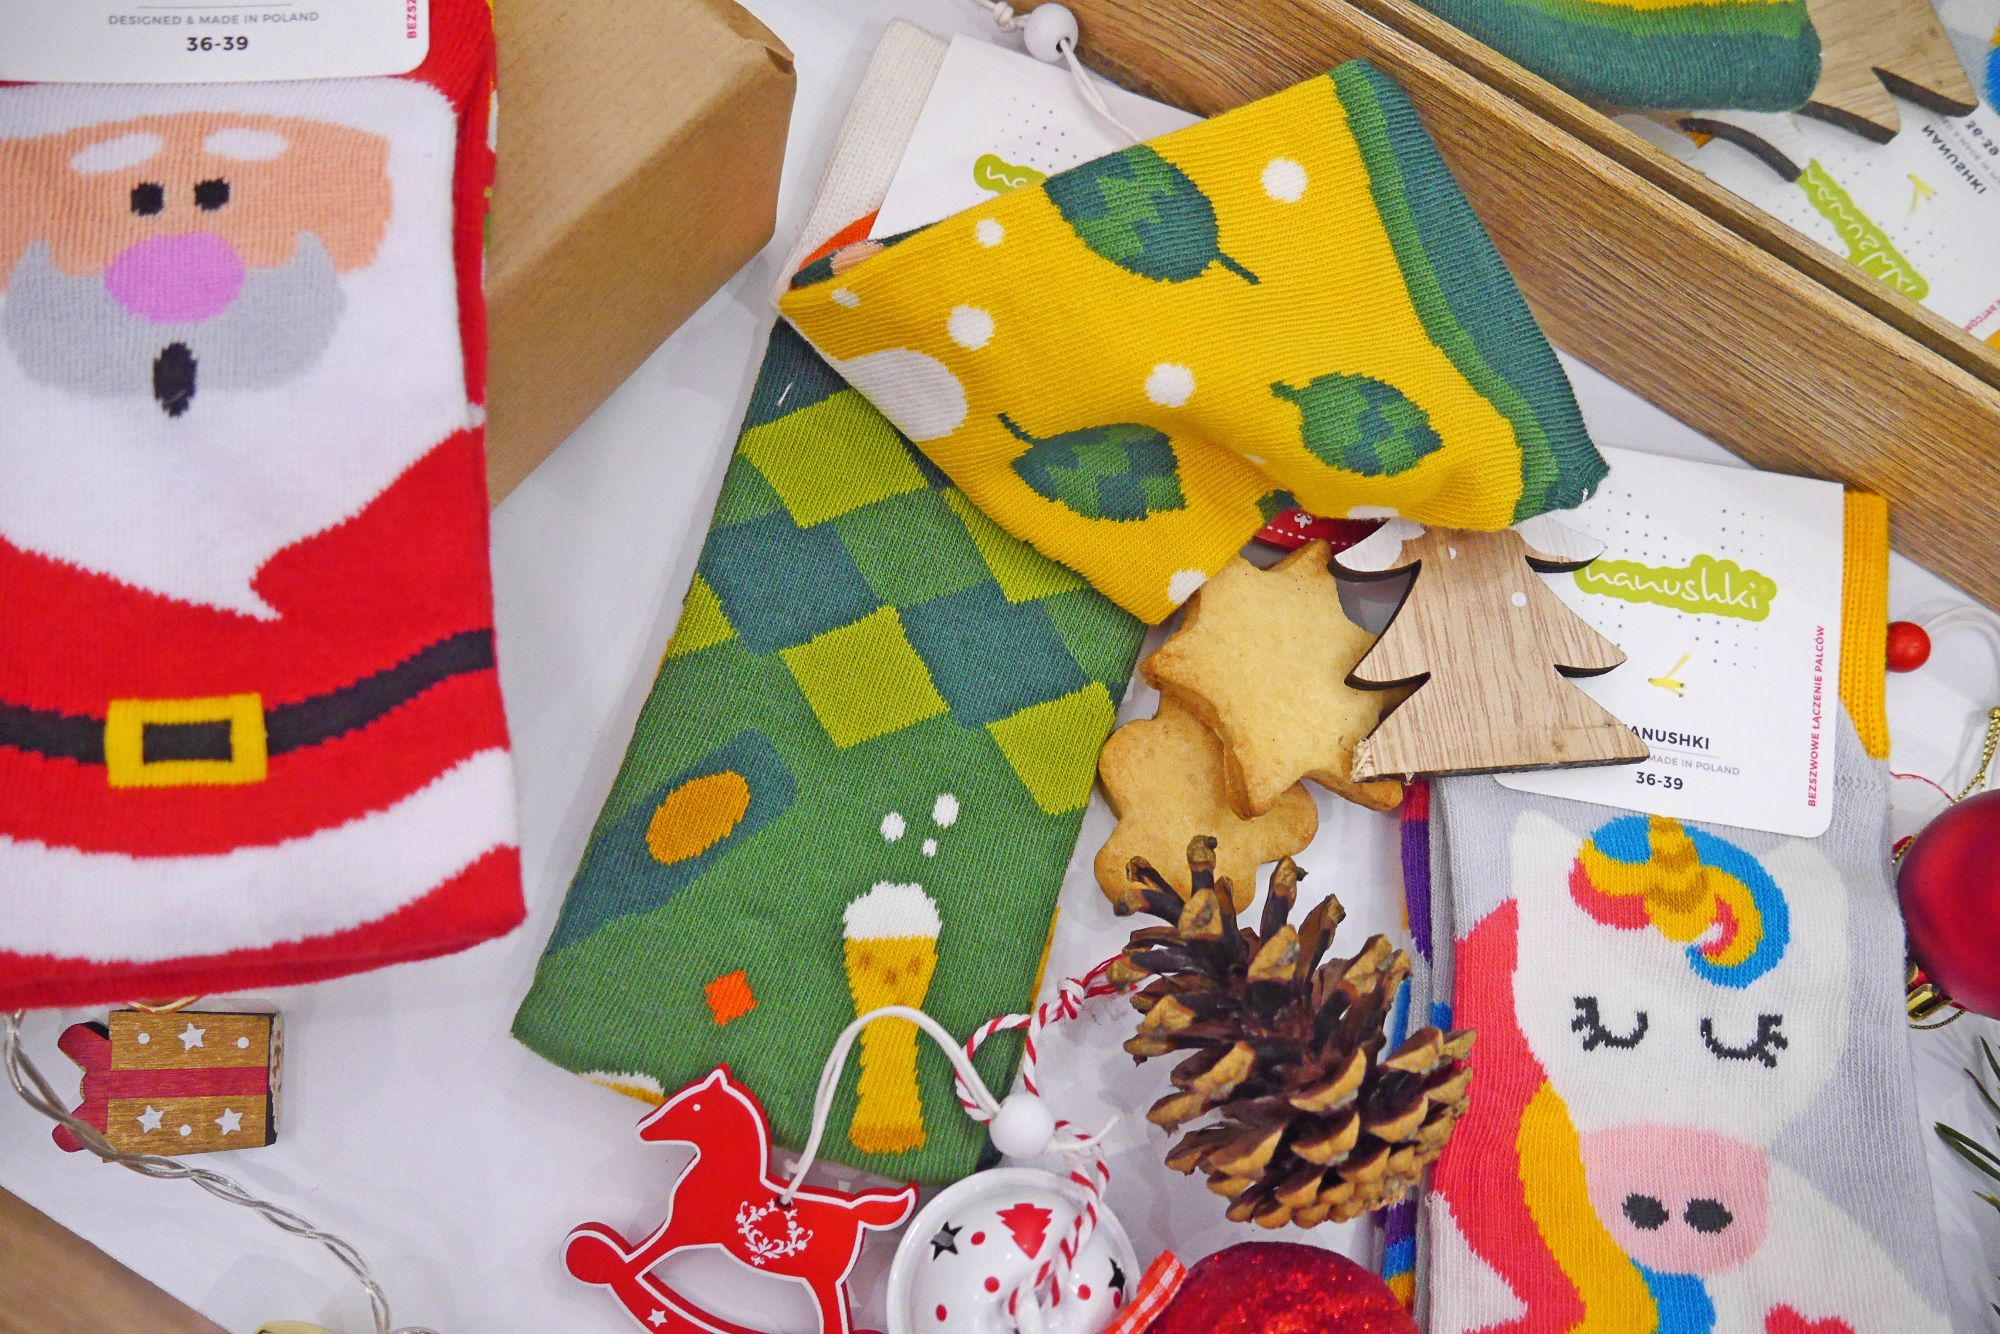 blog modowy blogerka modowa karyn puławy prezenty świąteczne na ostatnią chwile skarpetki z nadrukiem skarpetki nie do pary nanushki